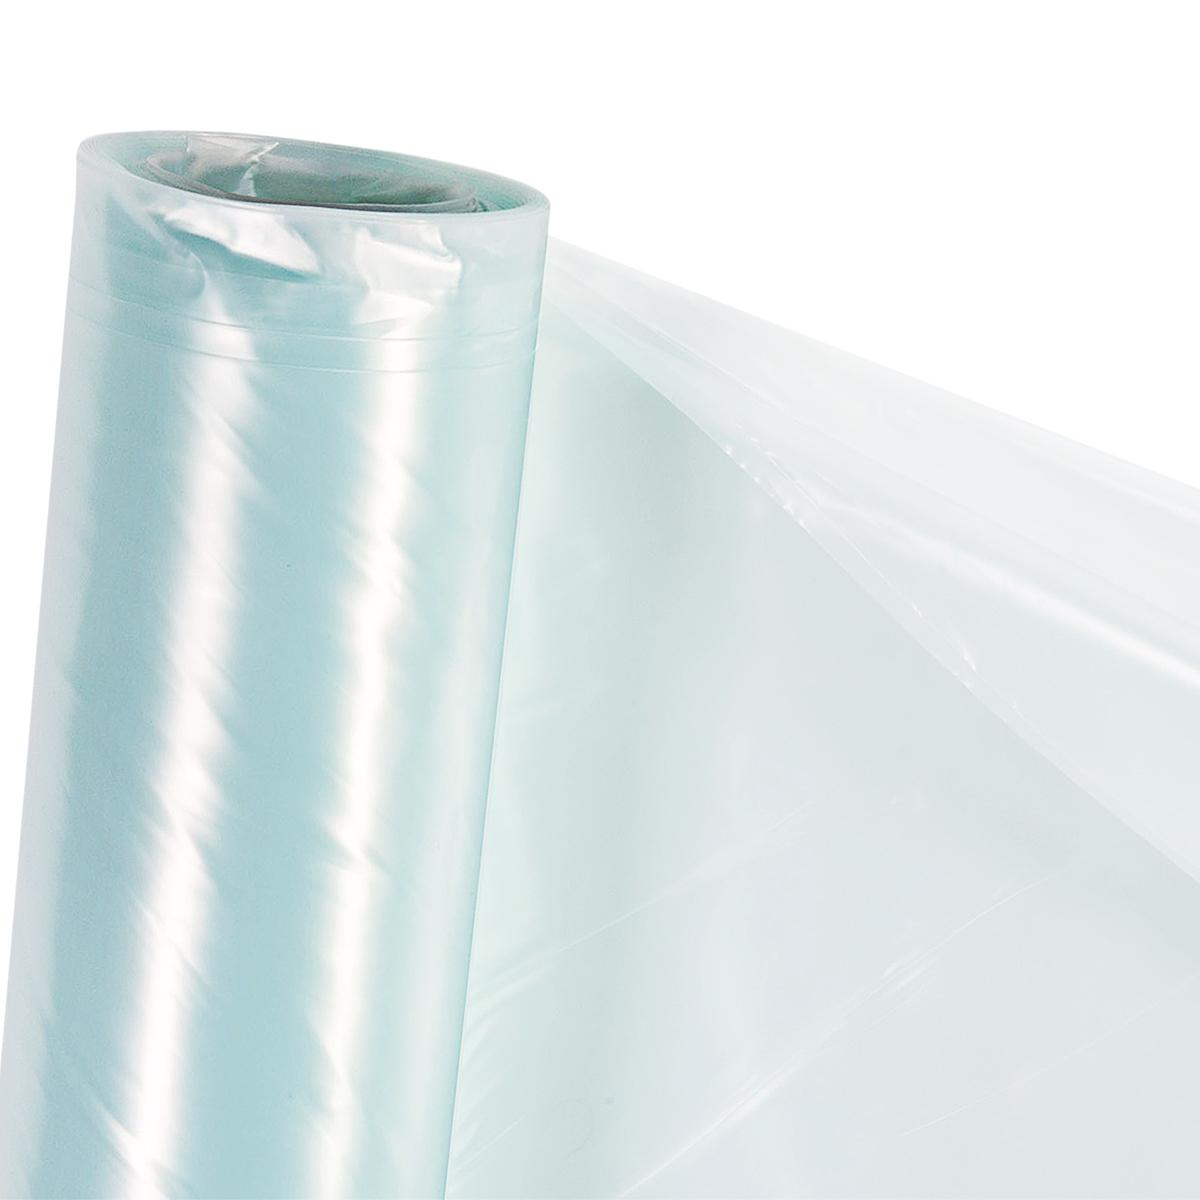 UV4 Folie in 8m Breite (Meterware) Folientunnel Treibhausfolie Gewächshausfolie